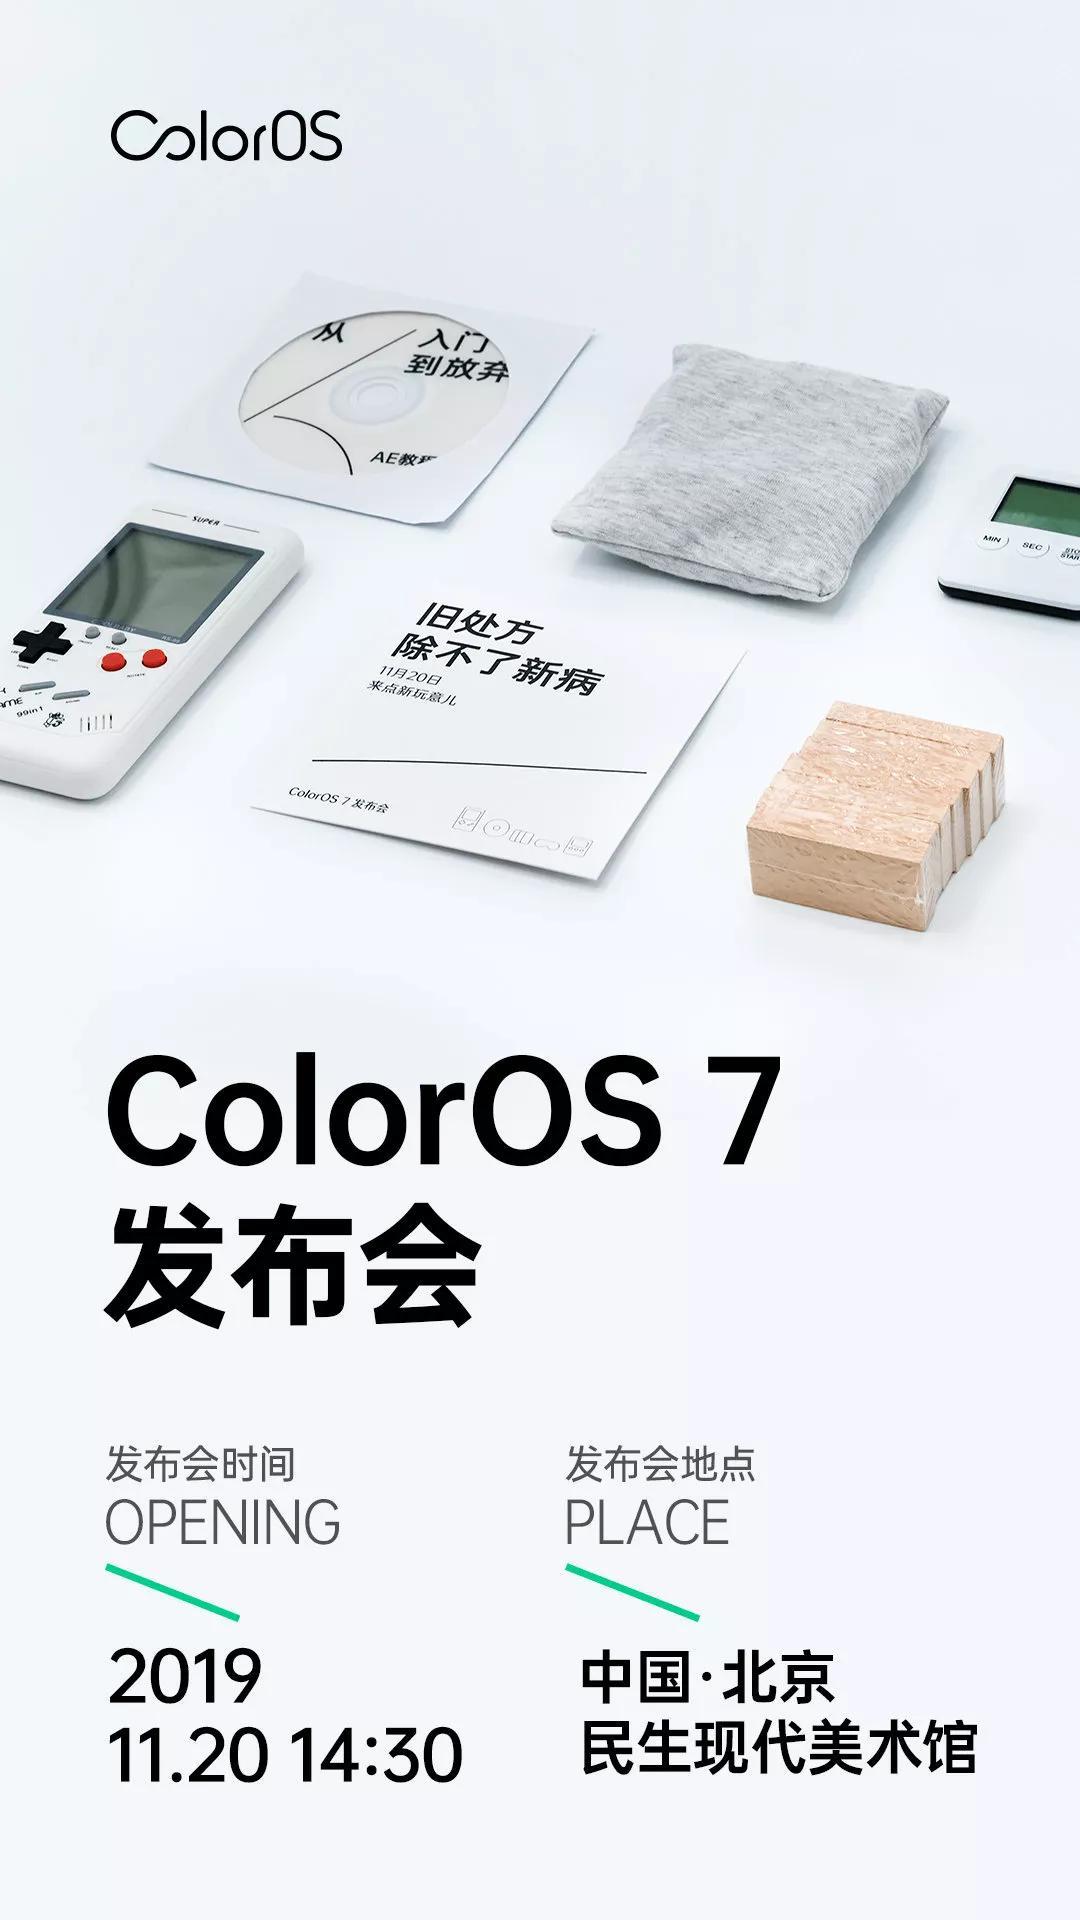 全新ColorOS 7新增功能,将于11月20日举行发布会